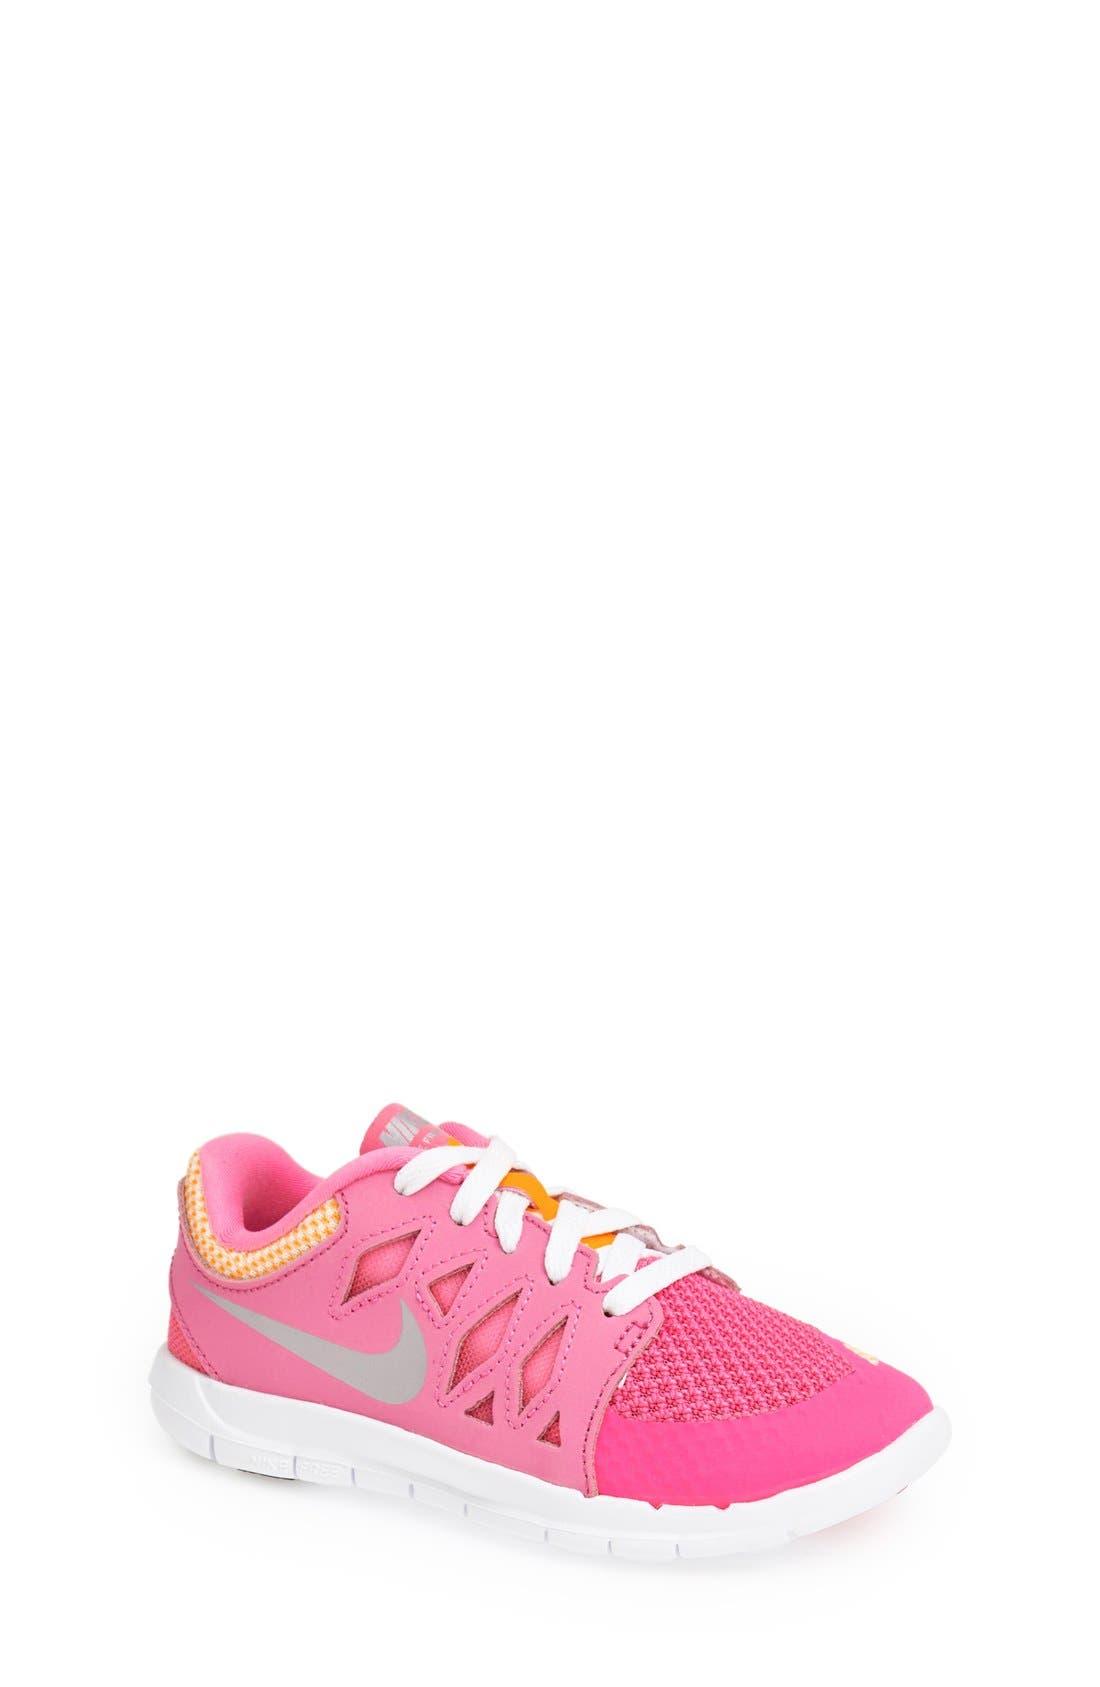 Main Image - Nike 'Free 5.0' Running Shoe (Toddler & Little Kid)